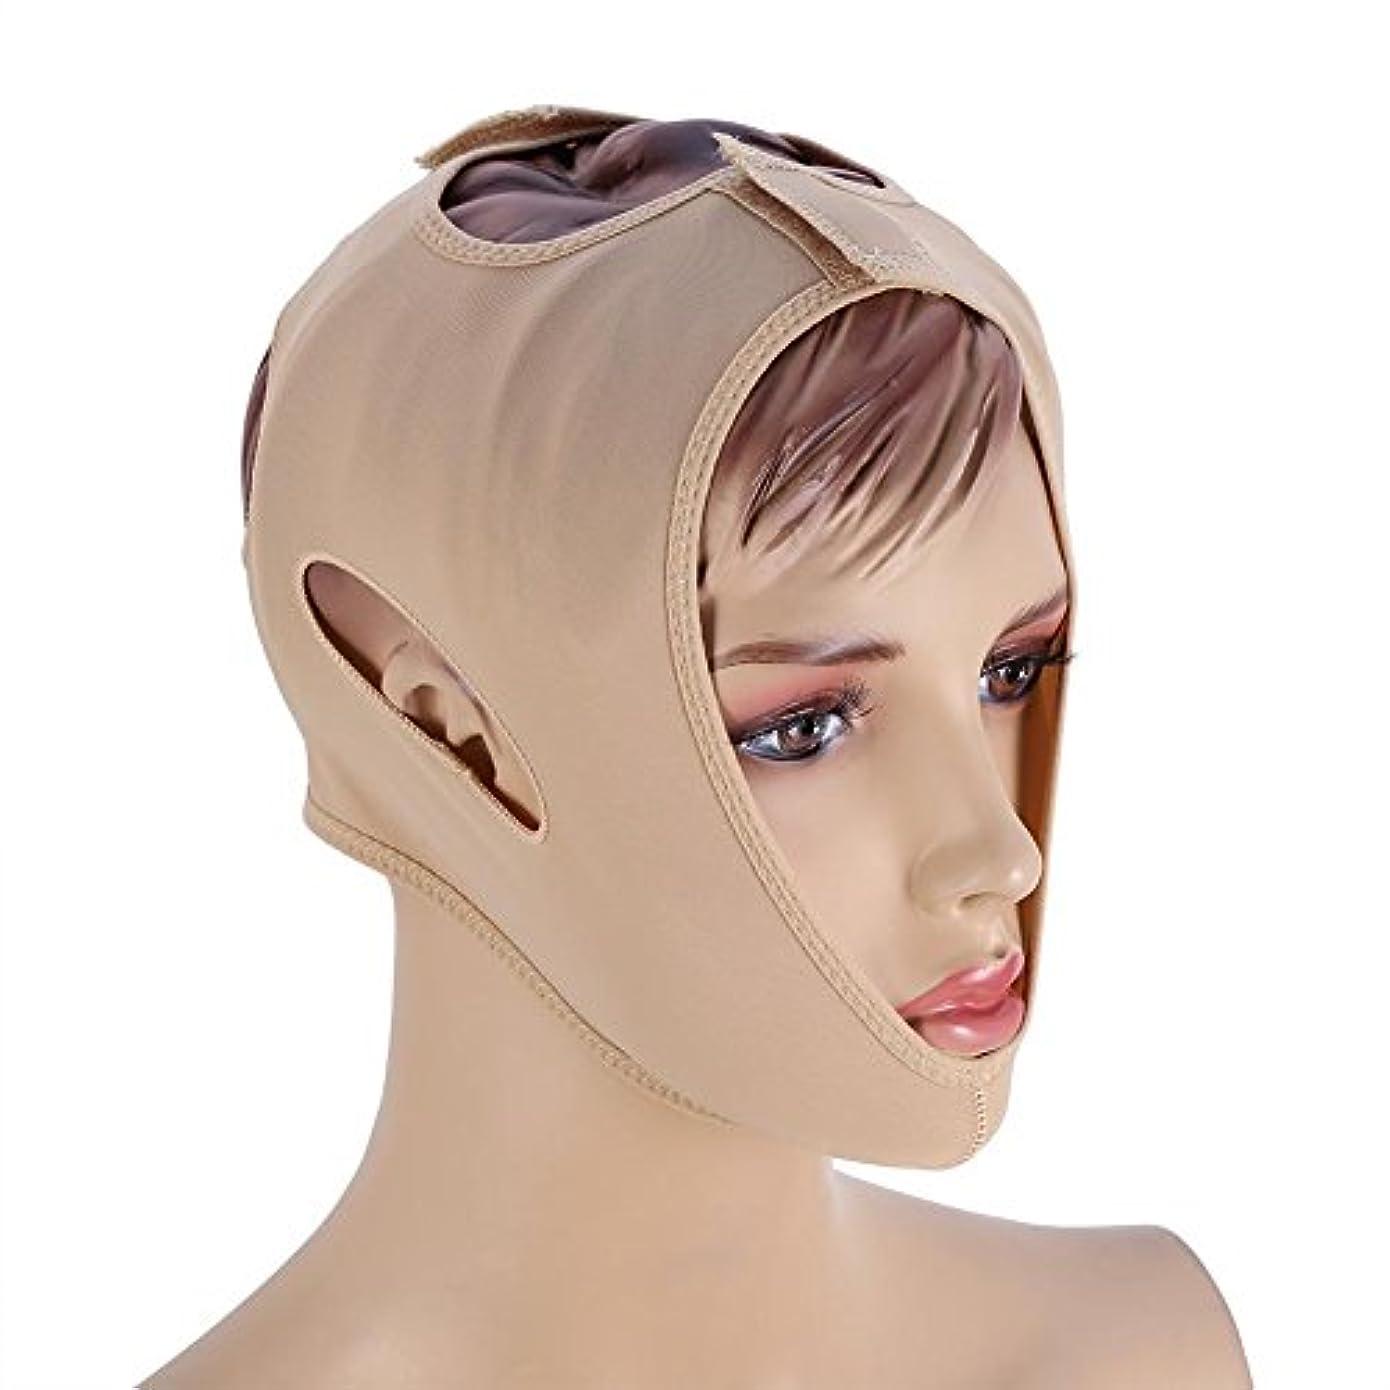 フェイスベルト 額、顎下、頬リフトアップ 小顔 美顔 頬のたるみ 引き上げマスク便利 伸縮性 繊維 (L码)